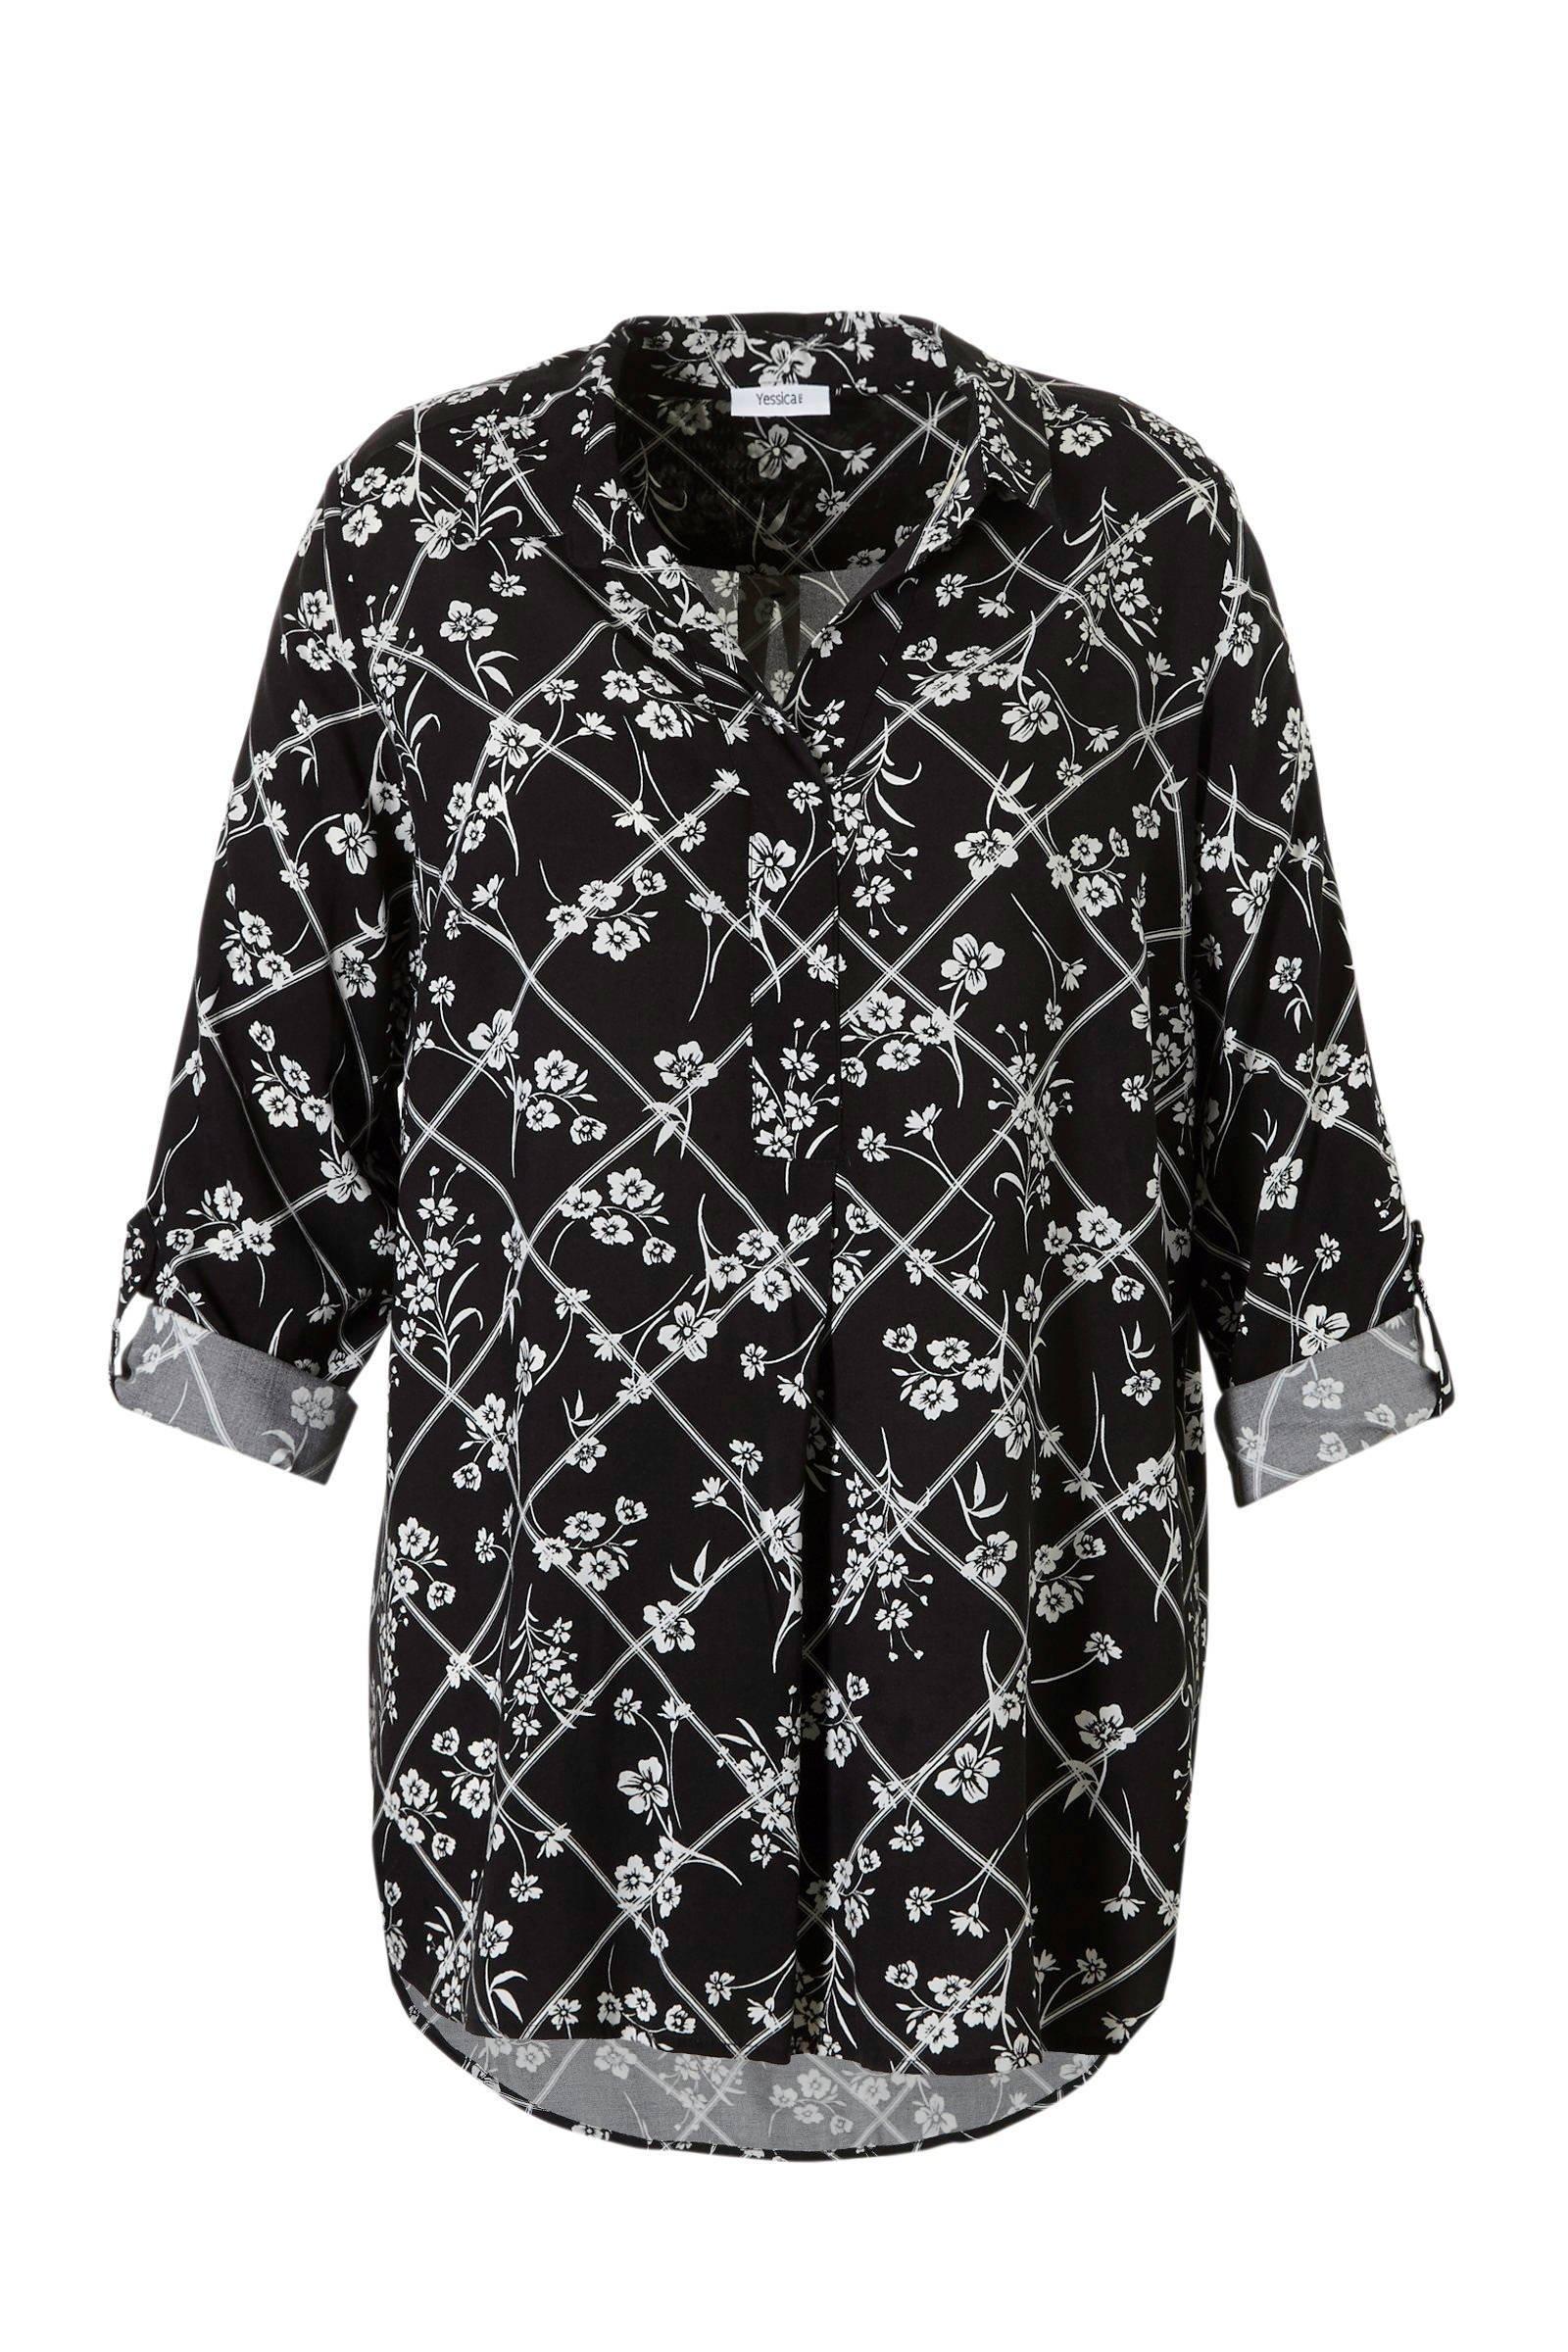 A Yessica geruit bloemenprint tuniek XL C zwart met 1qdx8E1w